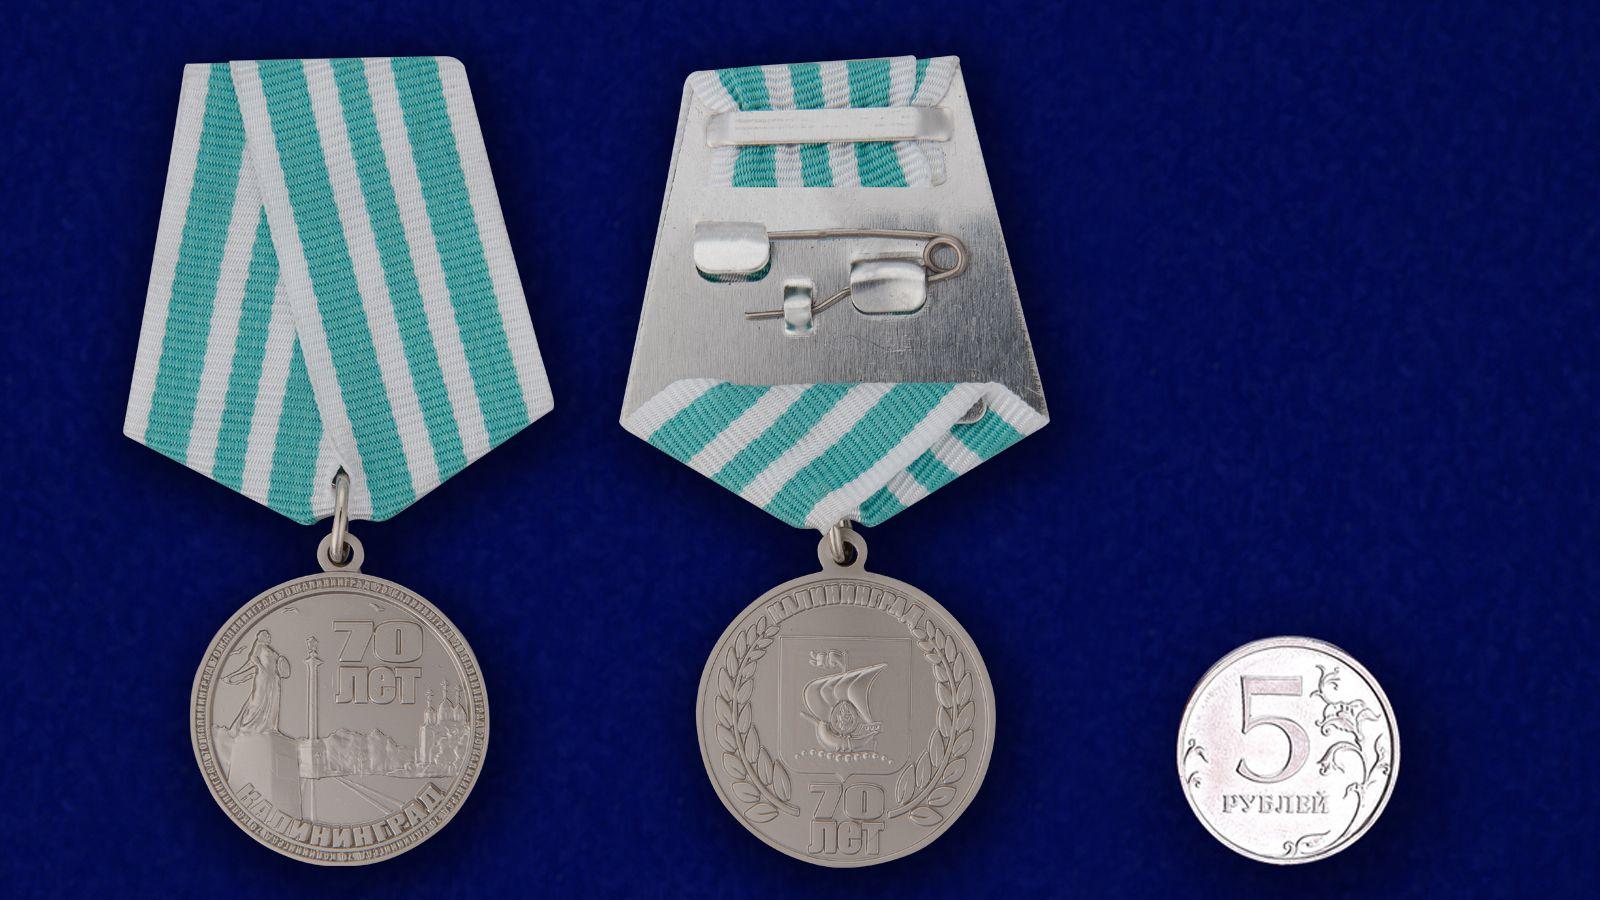 Памятная медаль 70 лет Калининграду - сравнительный вид